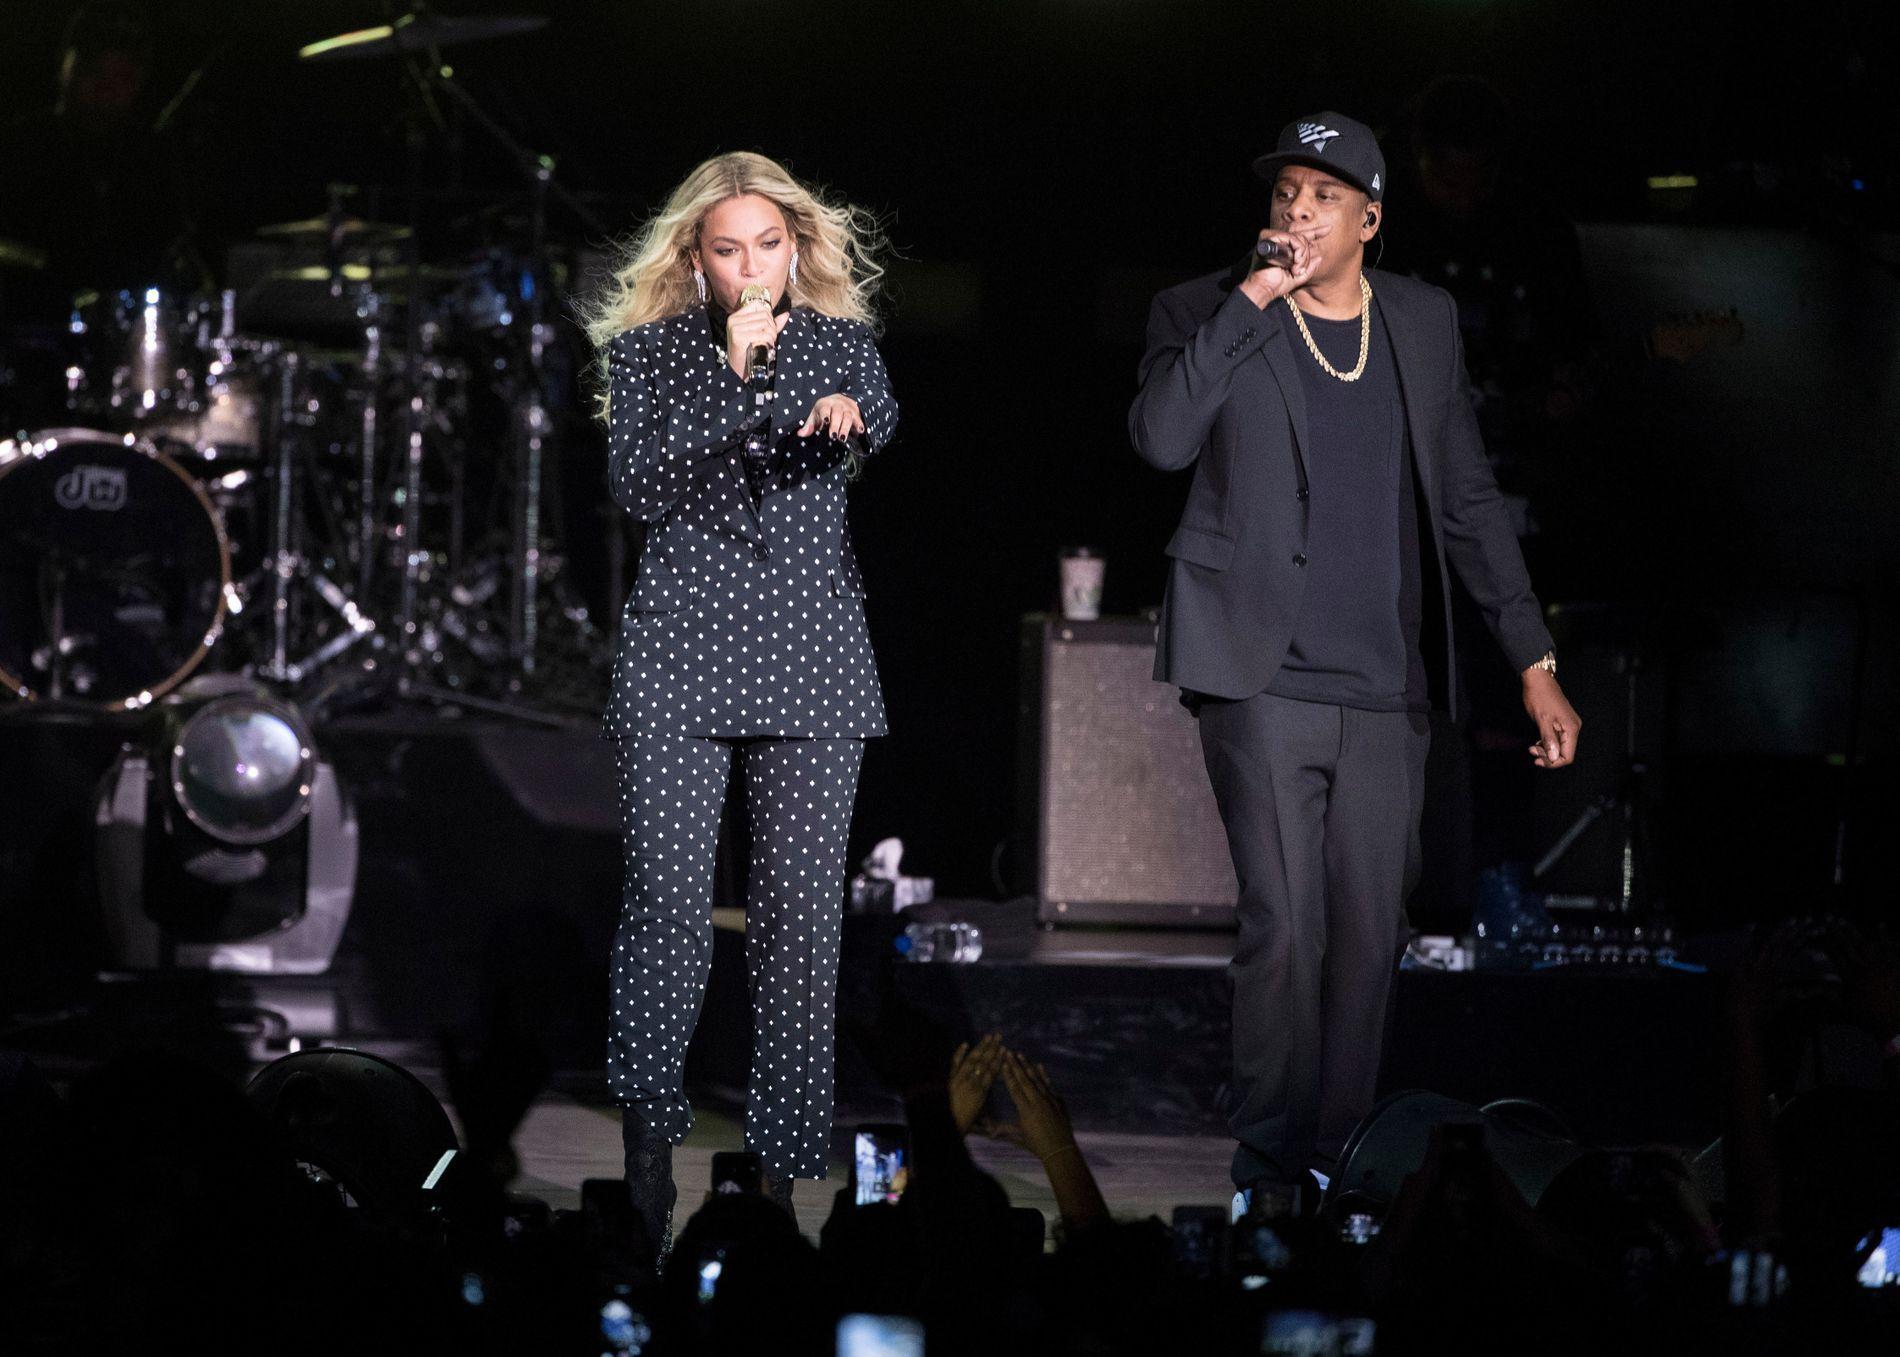 EIERE: Jay Z eier strømmeselskapet Tidal. Konen hans, Beyoncé, er medeier av selskapet.